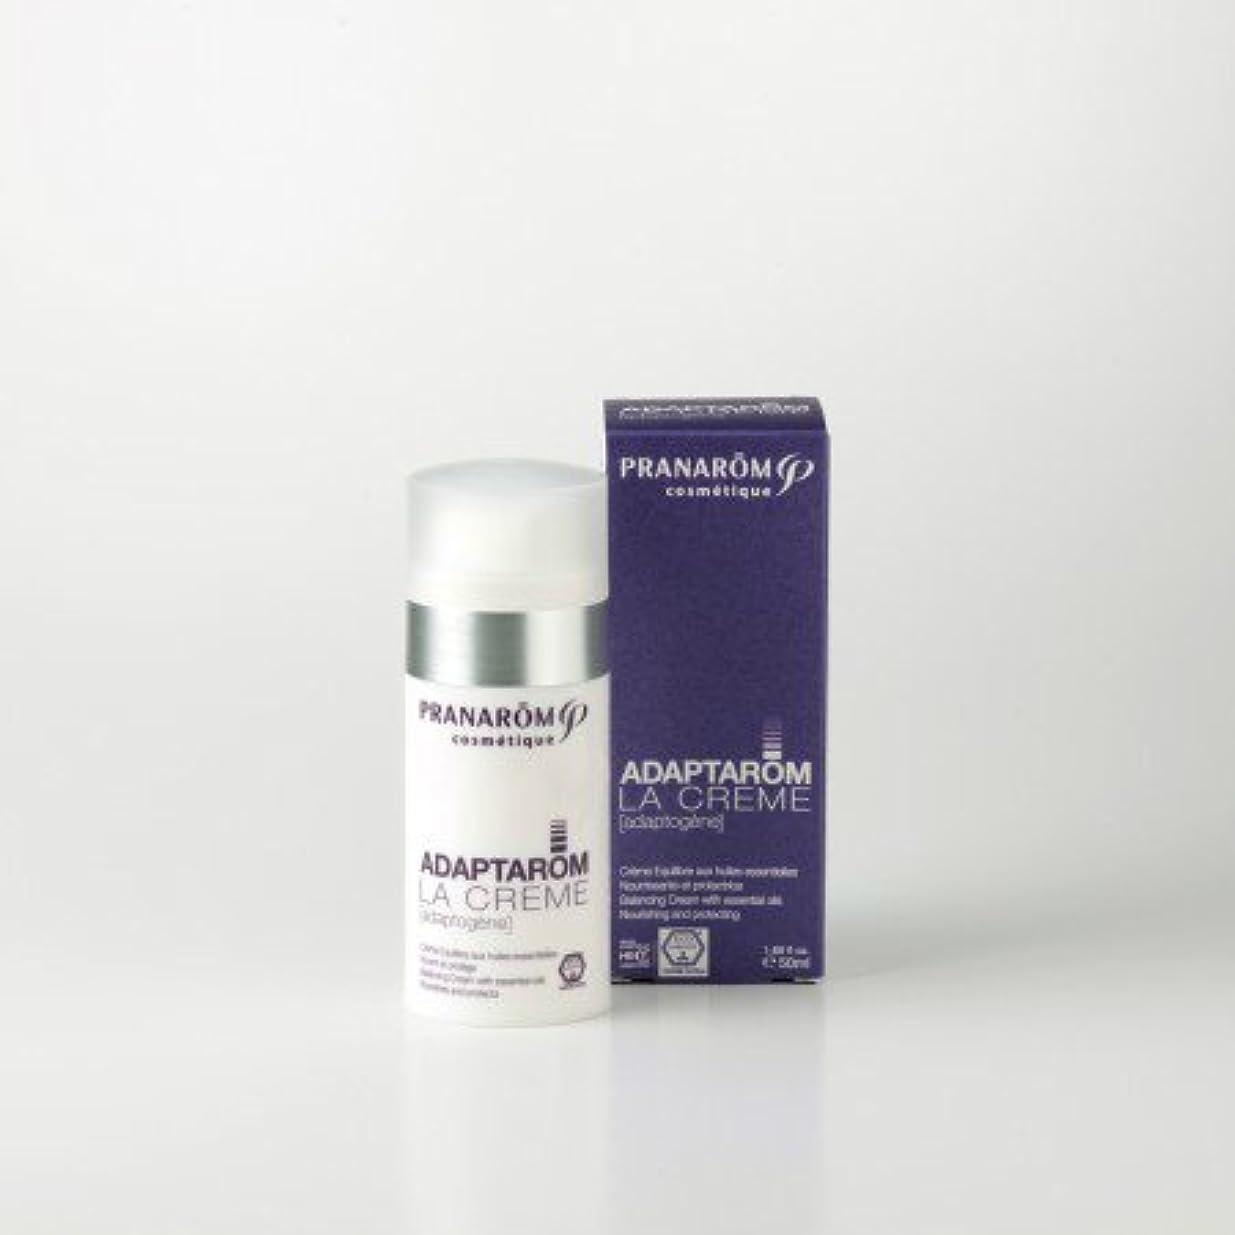 ハンサムとてものためプラナロム アダプタロム クリーム 50ml (PRANAROM 基礎化粧品 アダプタロム)